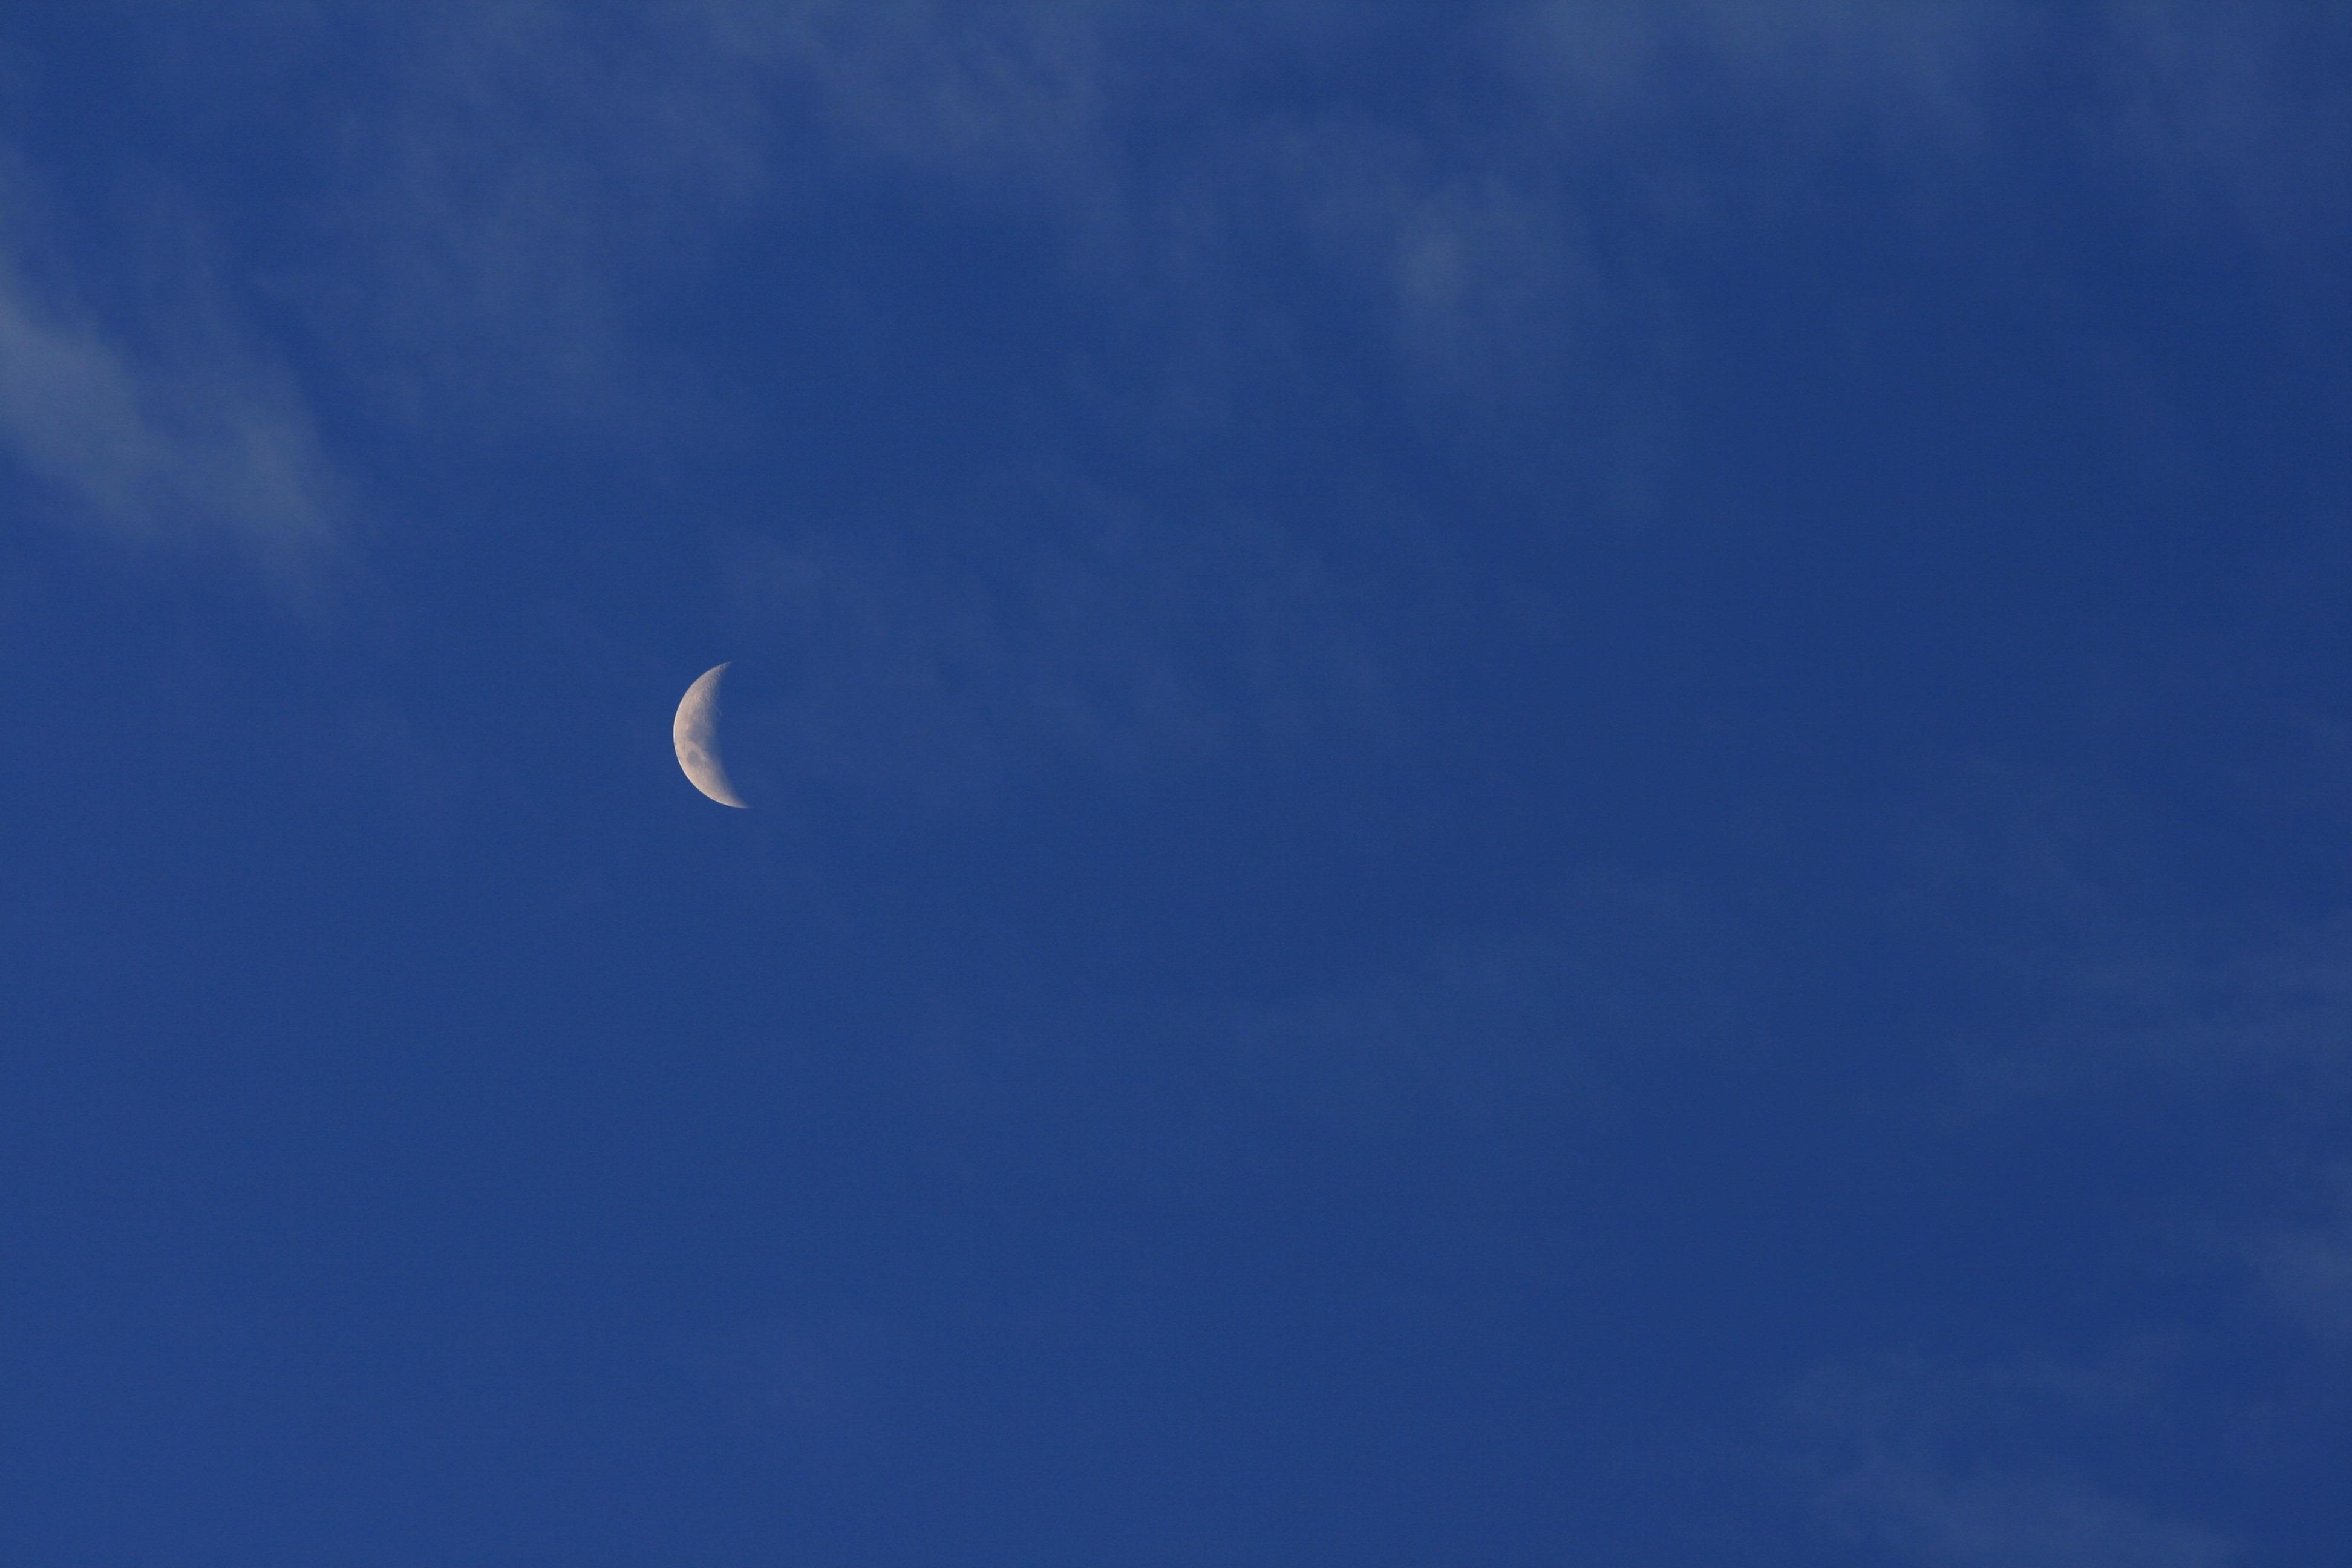 Gambar Laut Awan Langit Biru Tipis Keping Bulan Sabit Objek